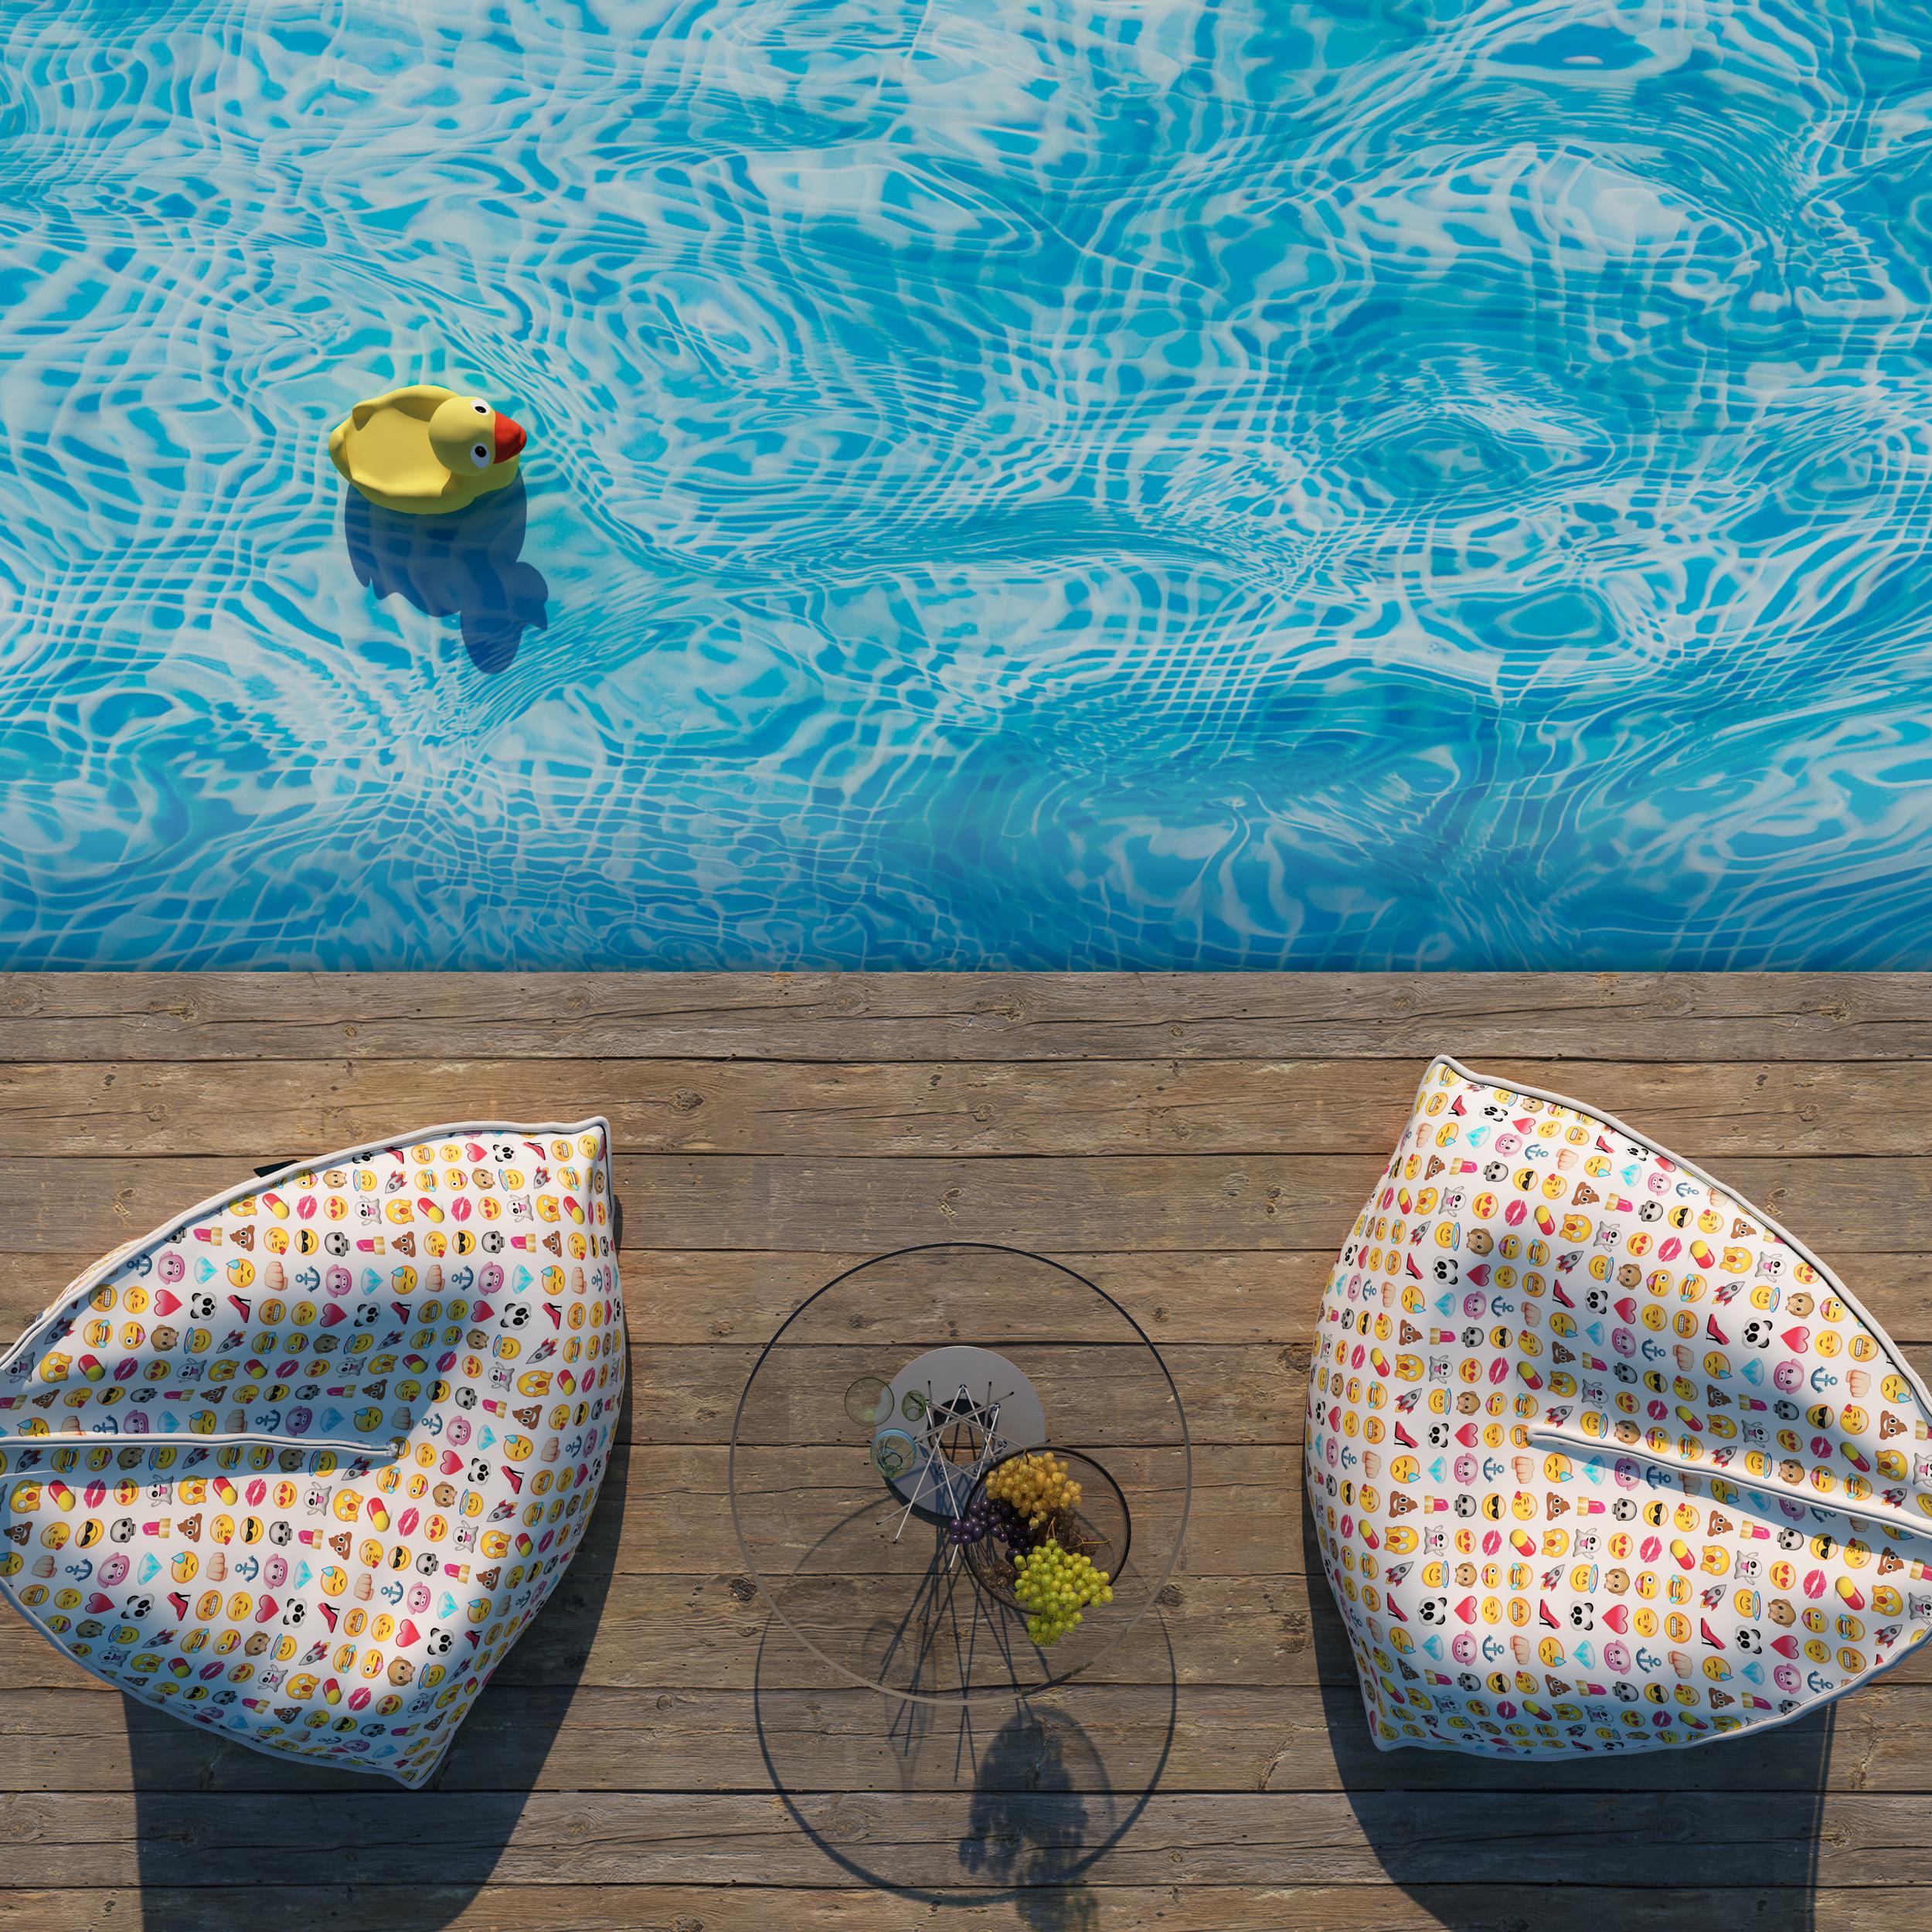 esterno piscina zenitale.jpg